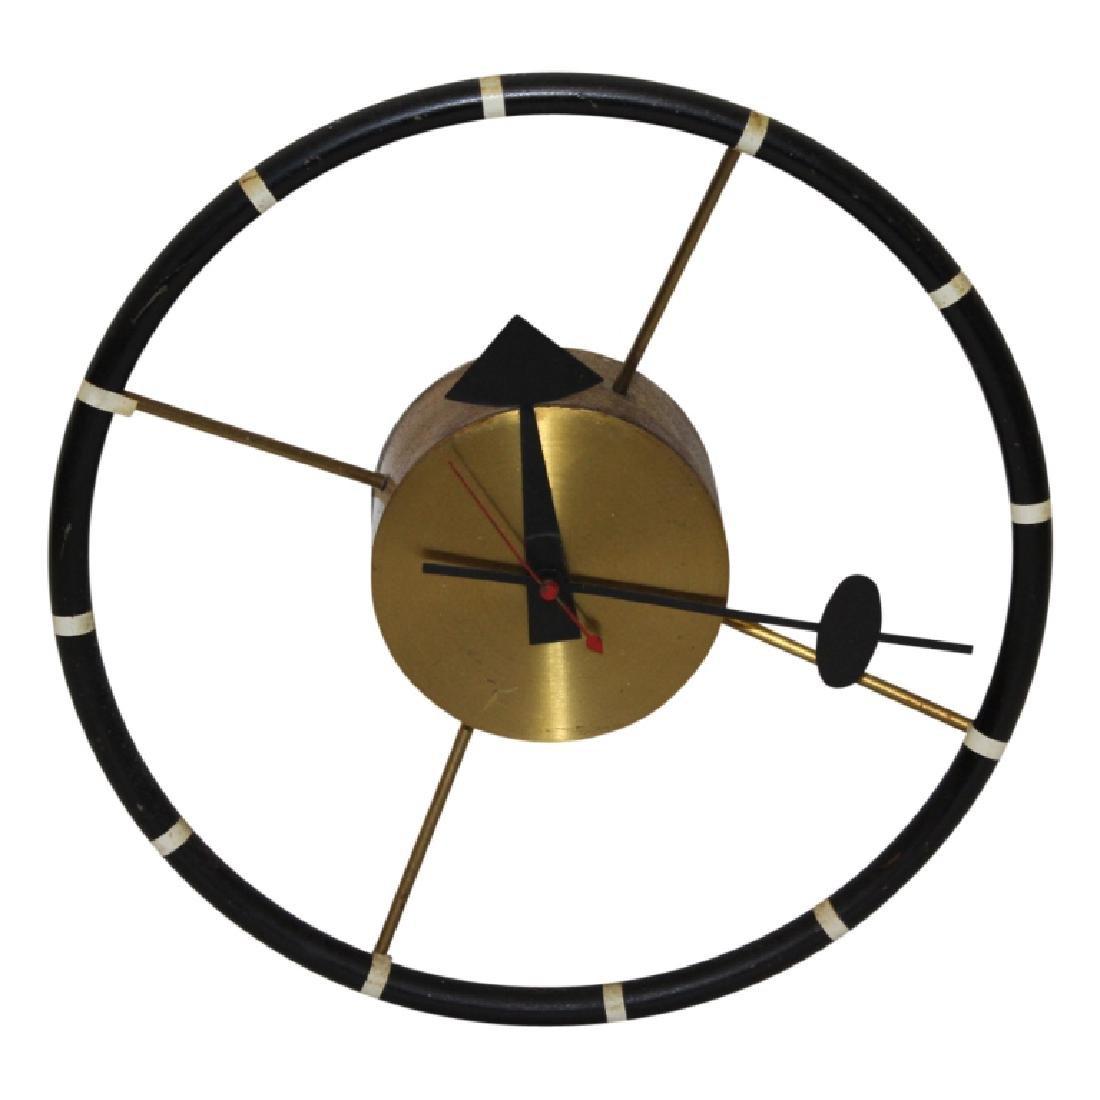 MCM George Nelson Steering Wheel  Wall Clock